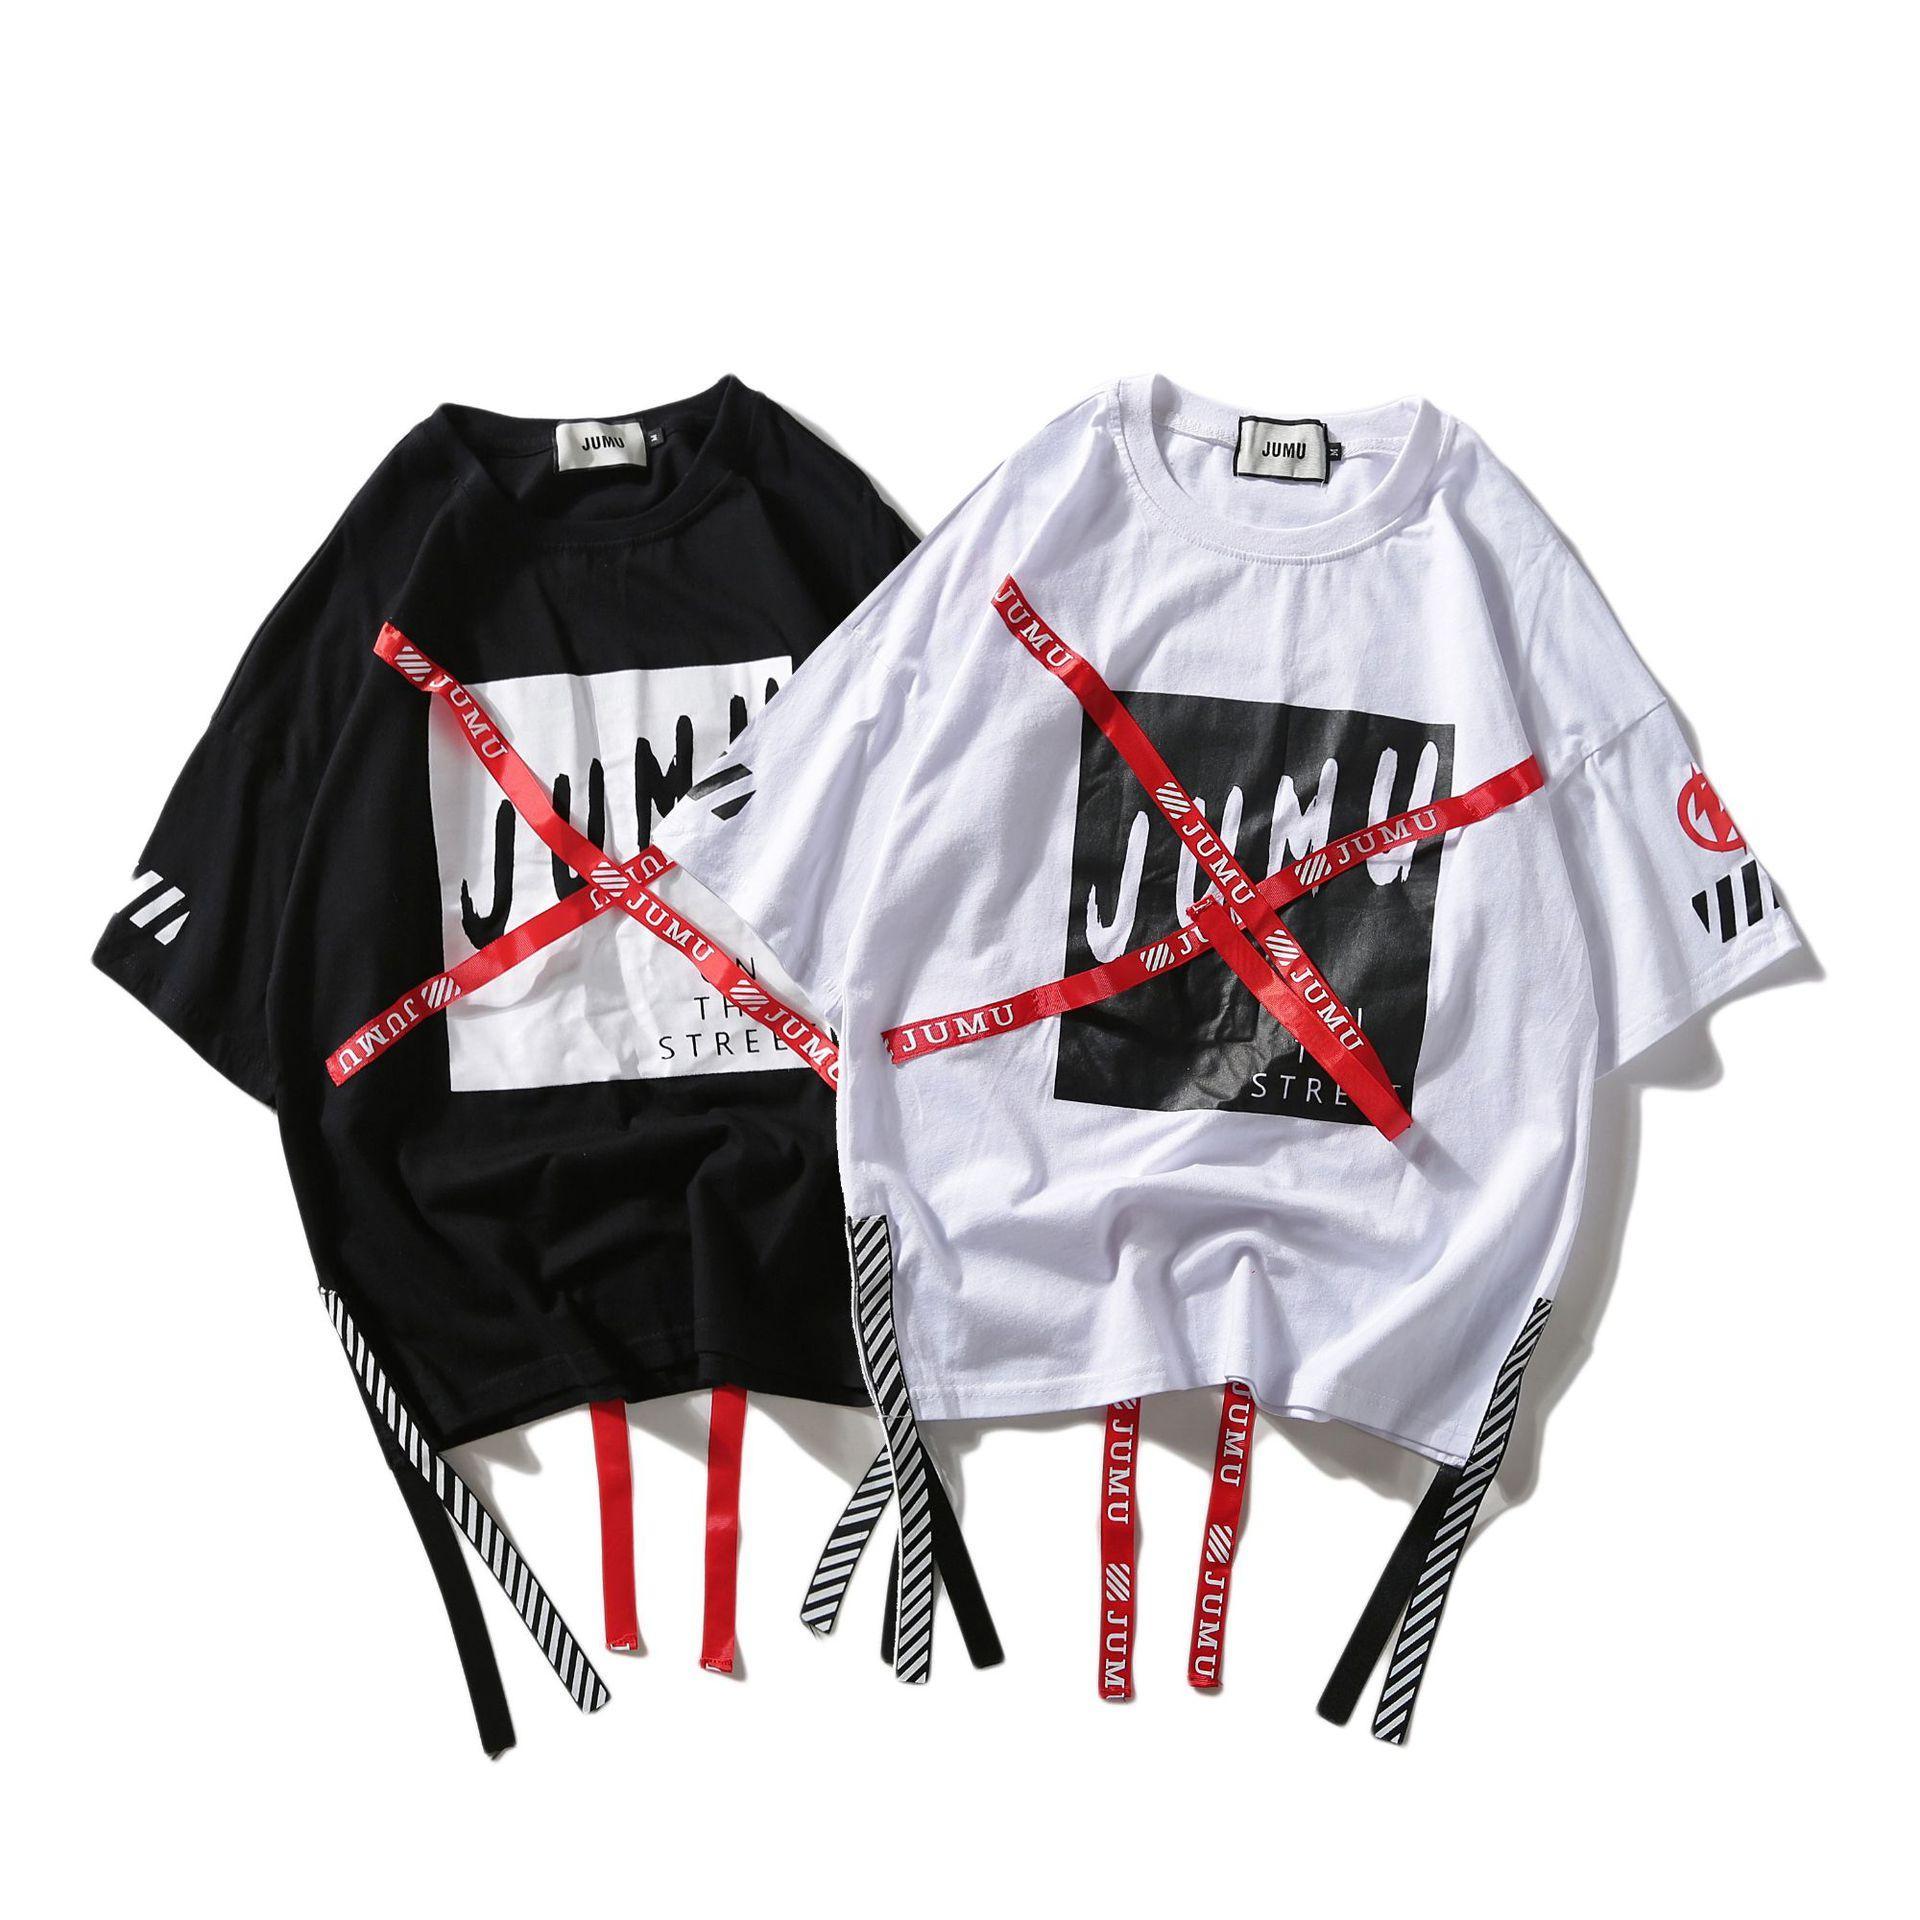 Acquista Maglietta Lunga Allentata T Shirt Da Uomo 2018 Mezza Manica Hip Hop  Lettera T Shirt Da Uomo  S manica Corta Moda Jumu T Shirt A  32.49 Dal ... caa9845eec2